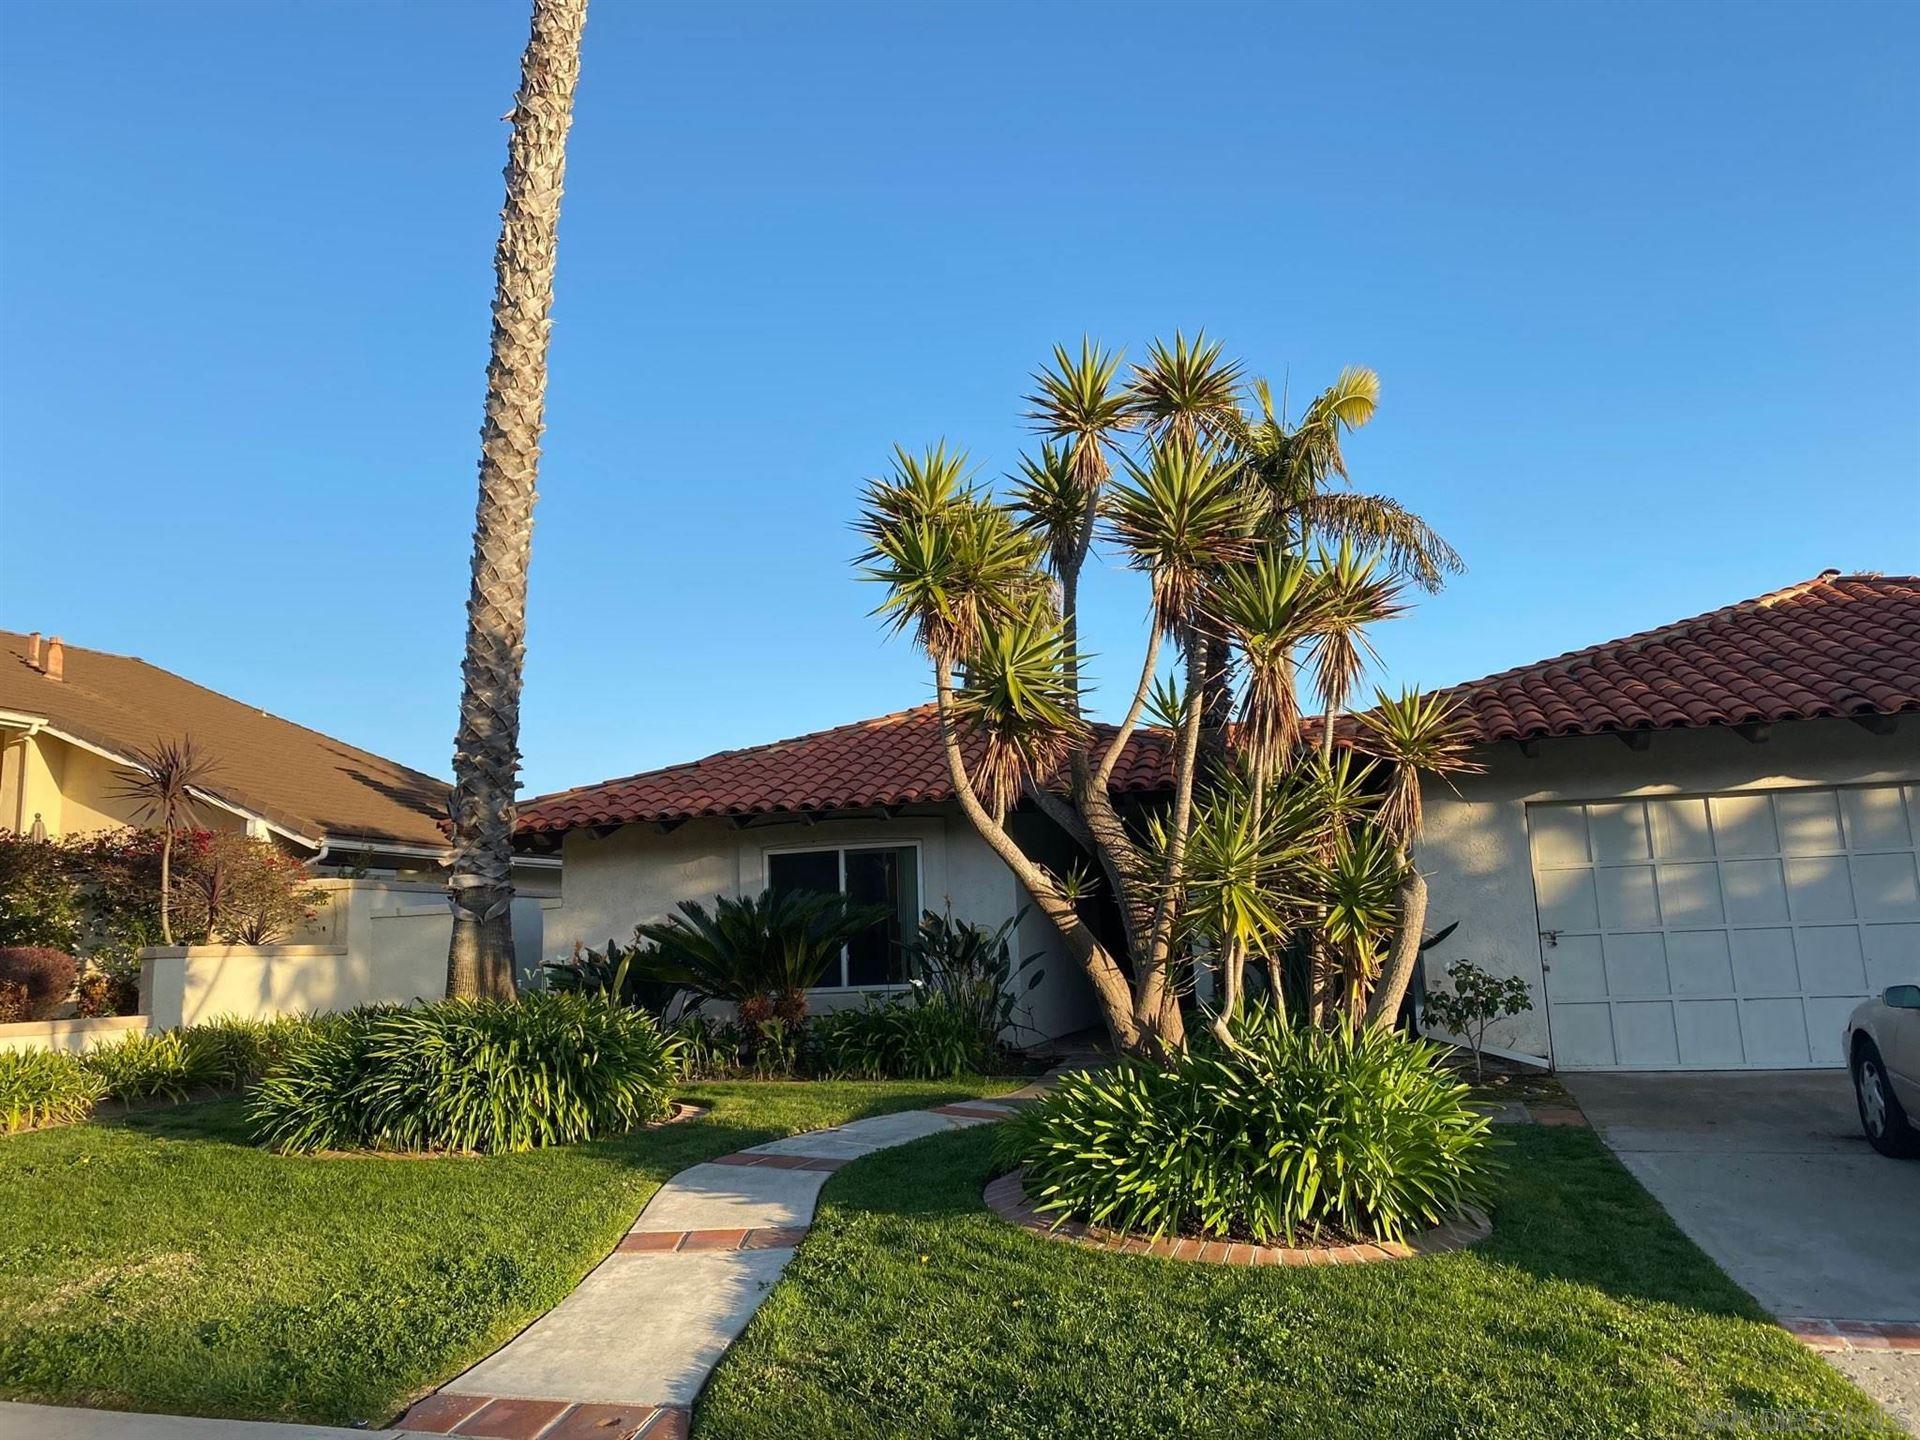 Photo of 426 Santa Alicia, Solana Beach, CA 92075 (MLS # 210007449)